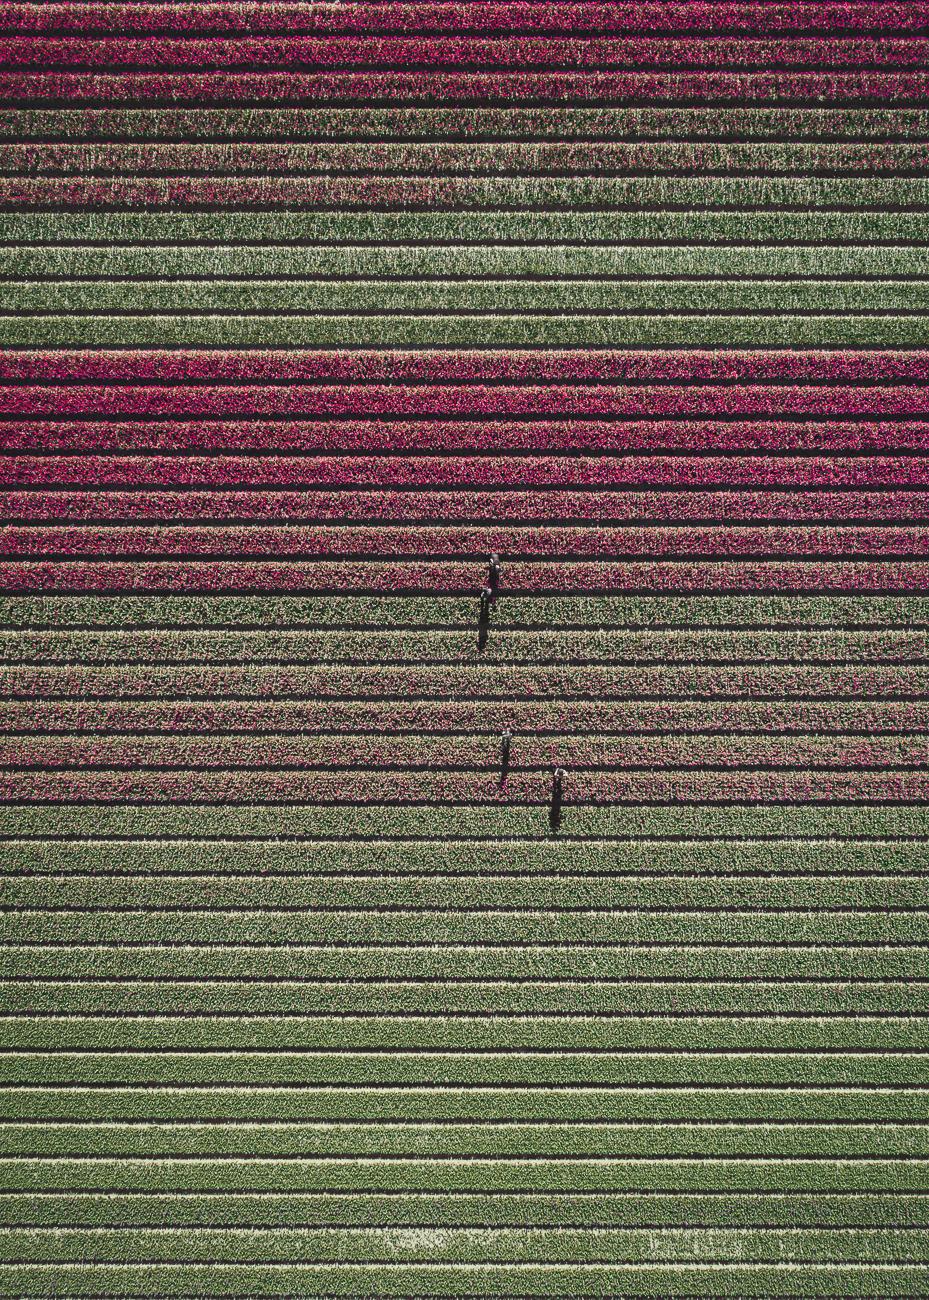 Tom_Hegen_The_Tulip-12.jpg